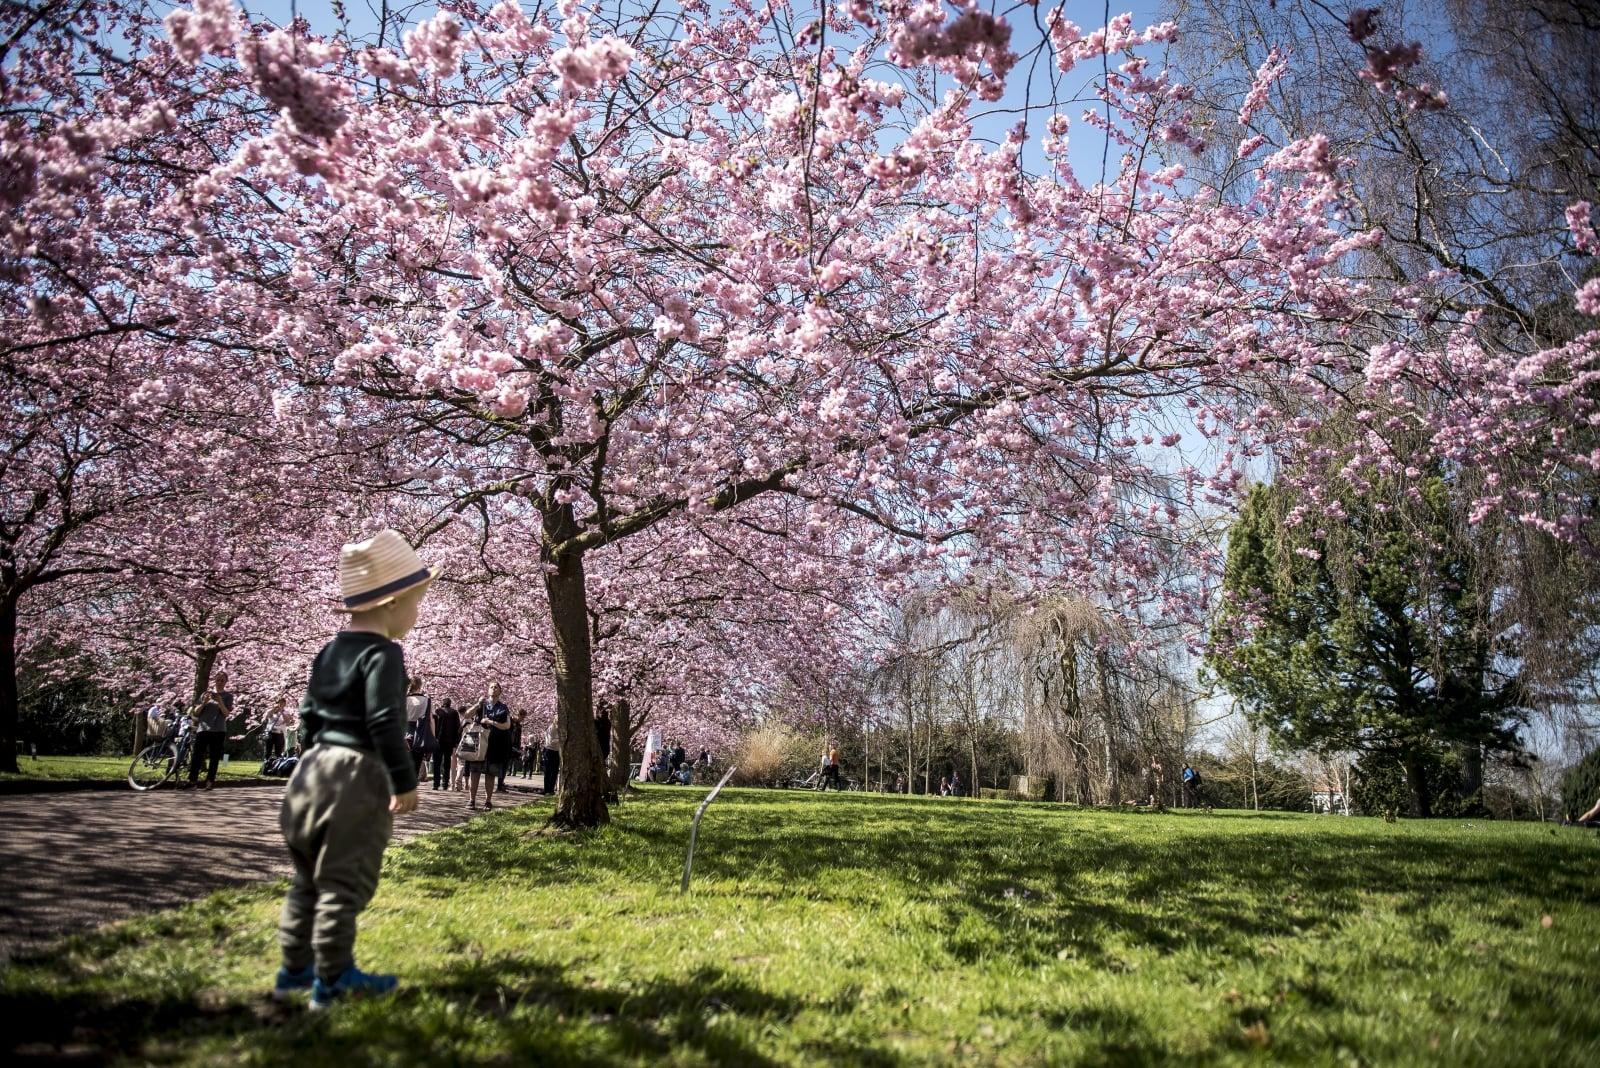 Kwitnące drzewa wiśni w Kopenhadze, Dania.